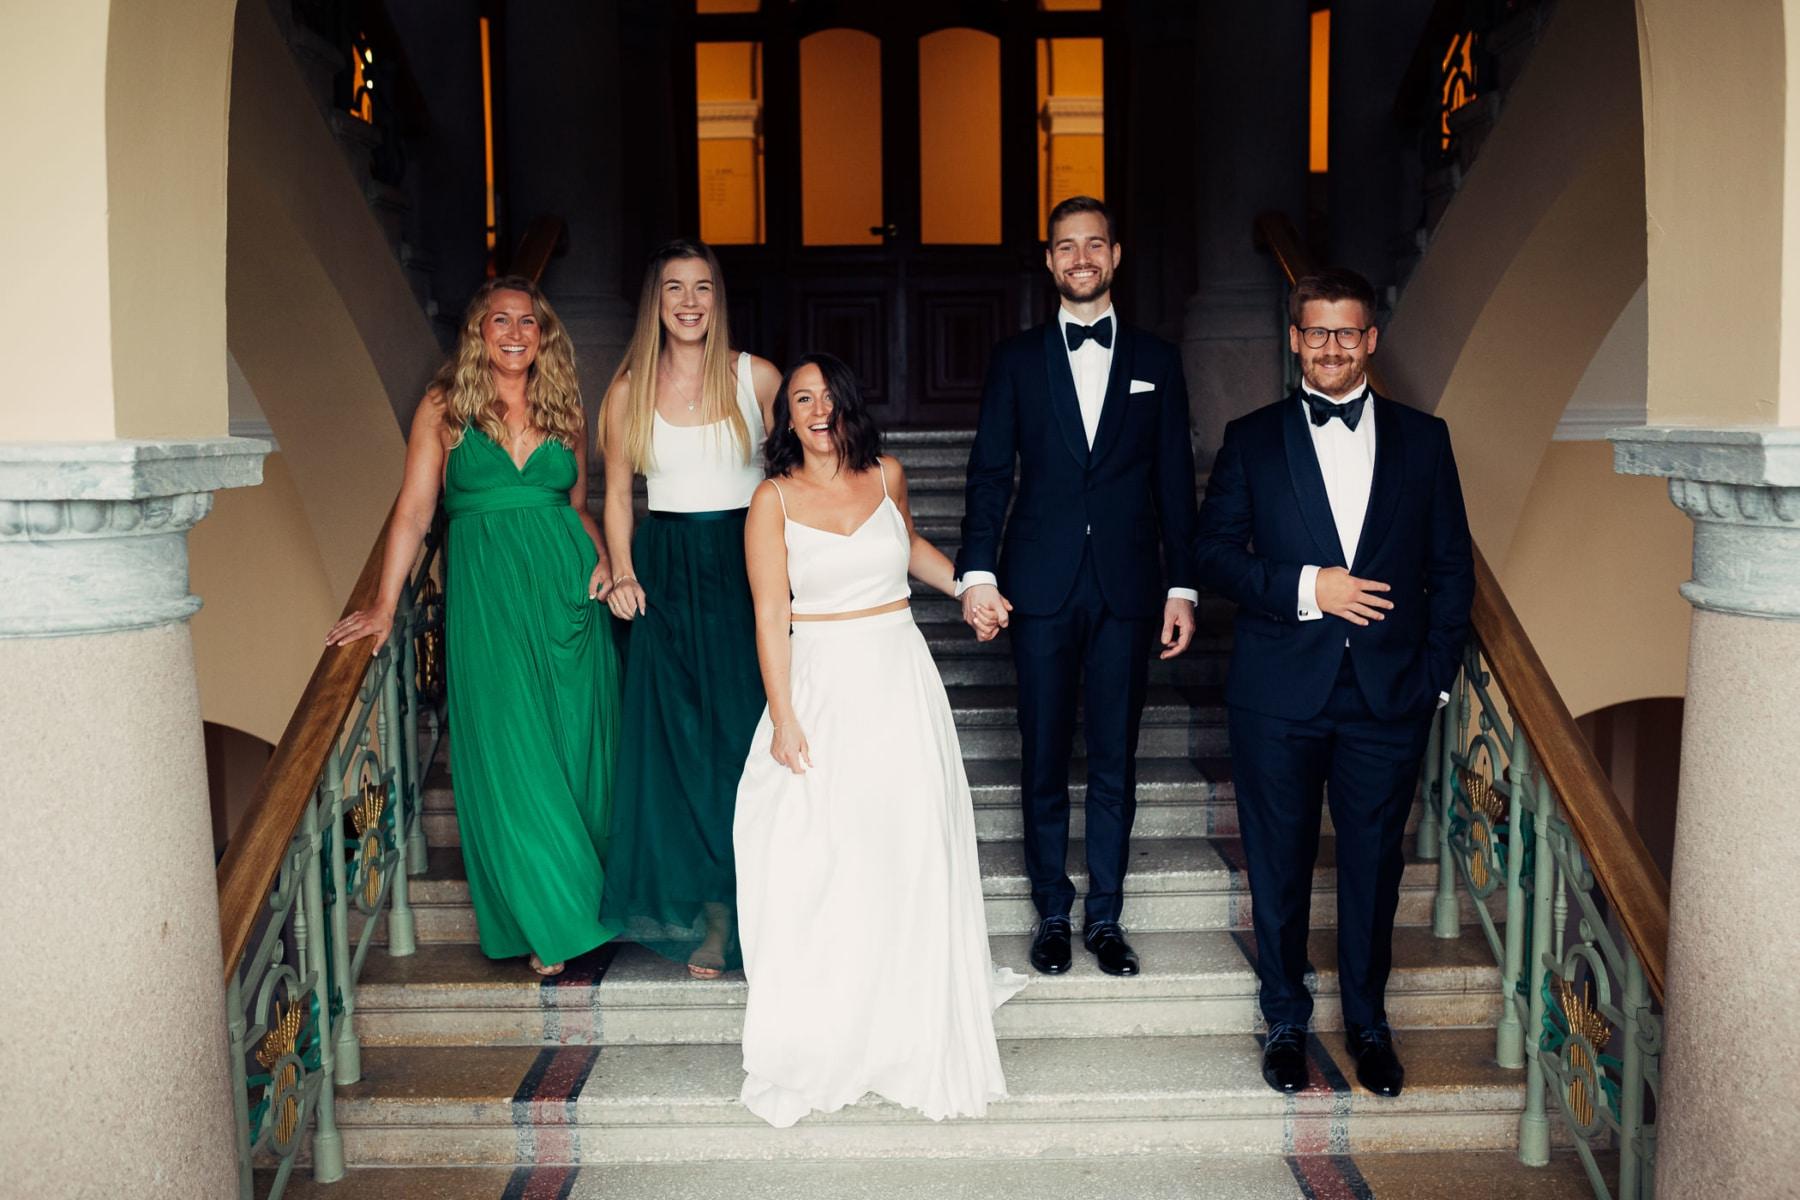 Caroline & Bendik - avslappet og morsomt bryllup i Ski Fotograf bryllup ski 17 Brudepar